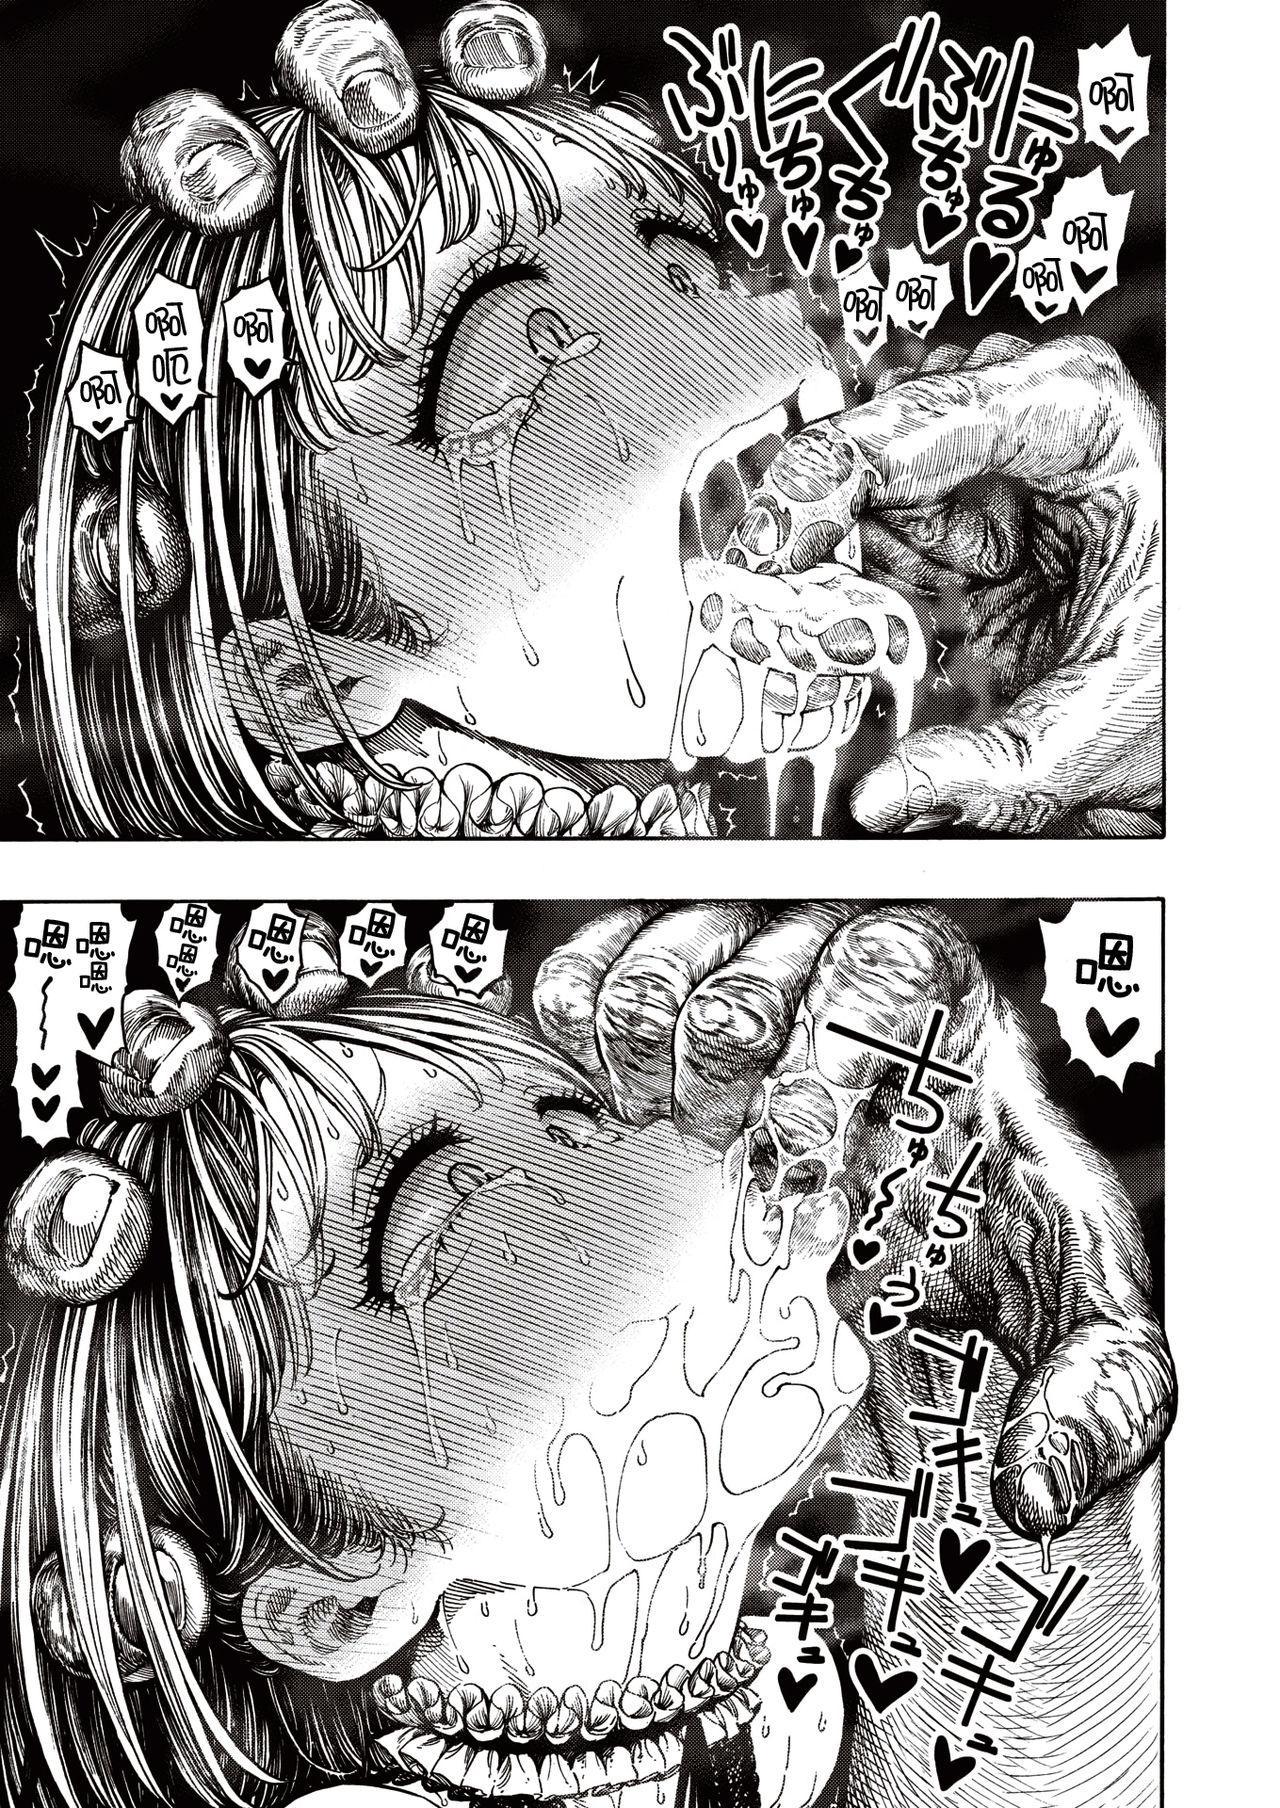 [Hirune] IPPAI ASOBO! ~Ouchi Hen~   盡情玩樂!~居家篇~(WEEKLY Kairakuten Vol. 37) [Chinese] [千歲漢化組] 7